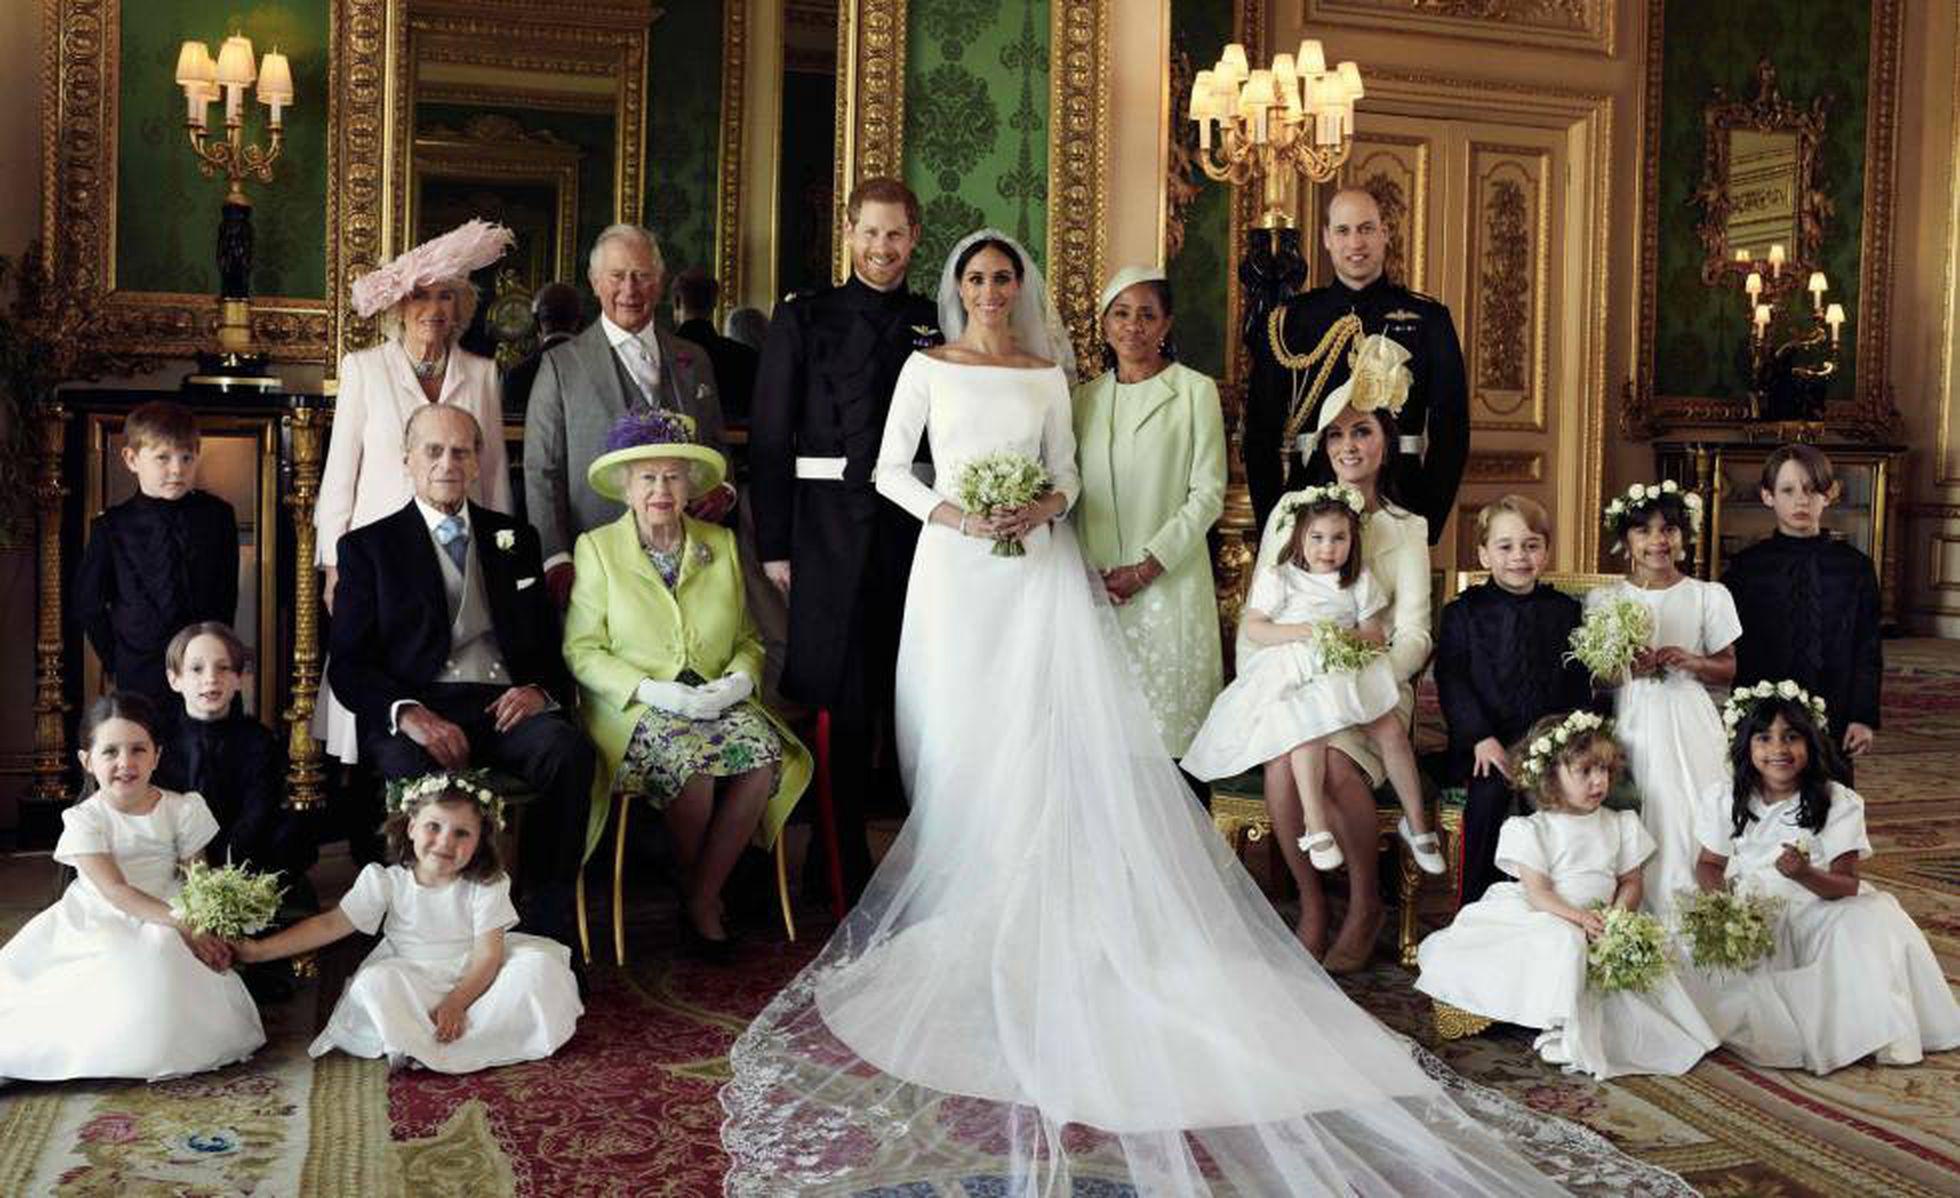 Casamento de Harry e Meghan foi um evento que ocorreu em 19 de maio de 2018 - Foto: Alexi Lubomirski/AFP